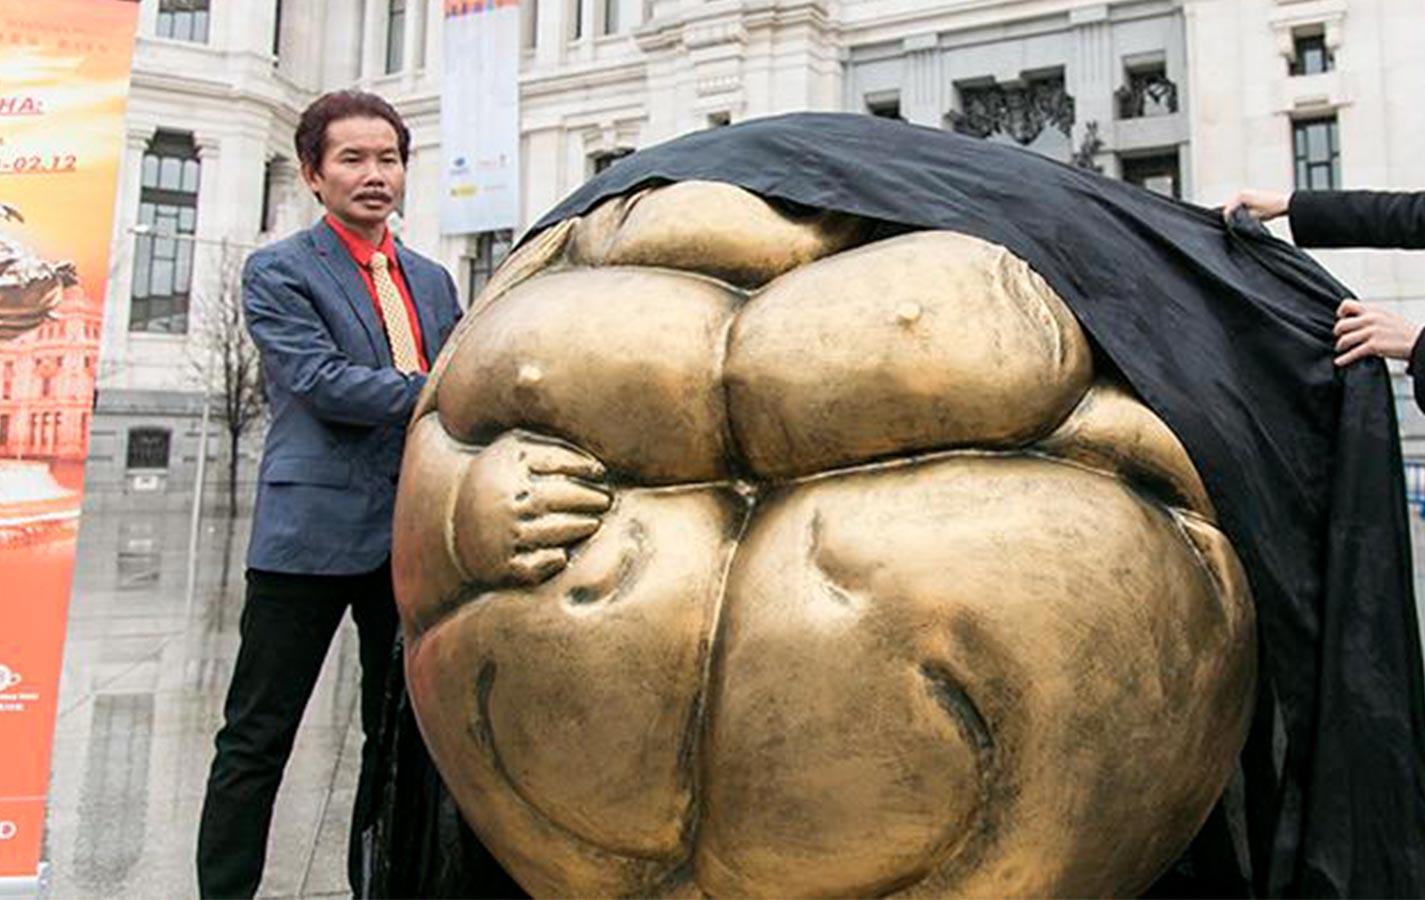 Xu Hongfei: Esculturas en Plaza Cibeles hasta el 12 de febrero